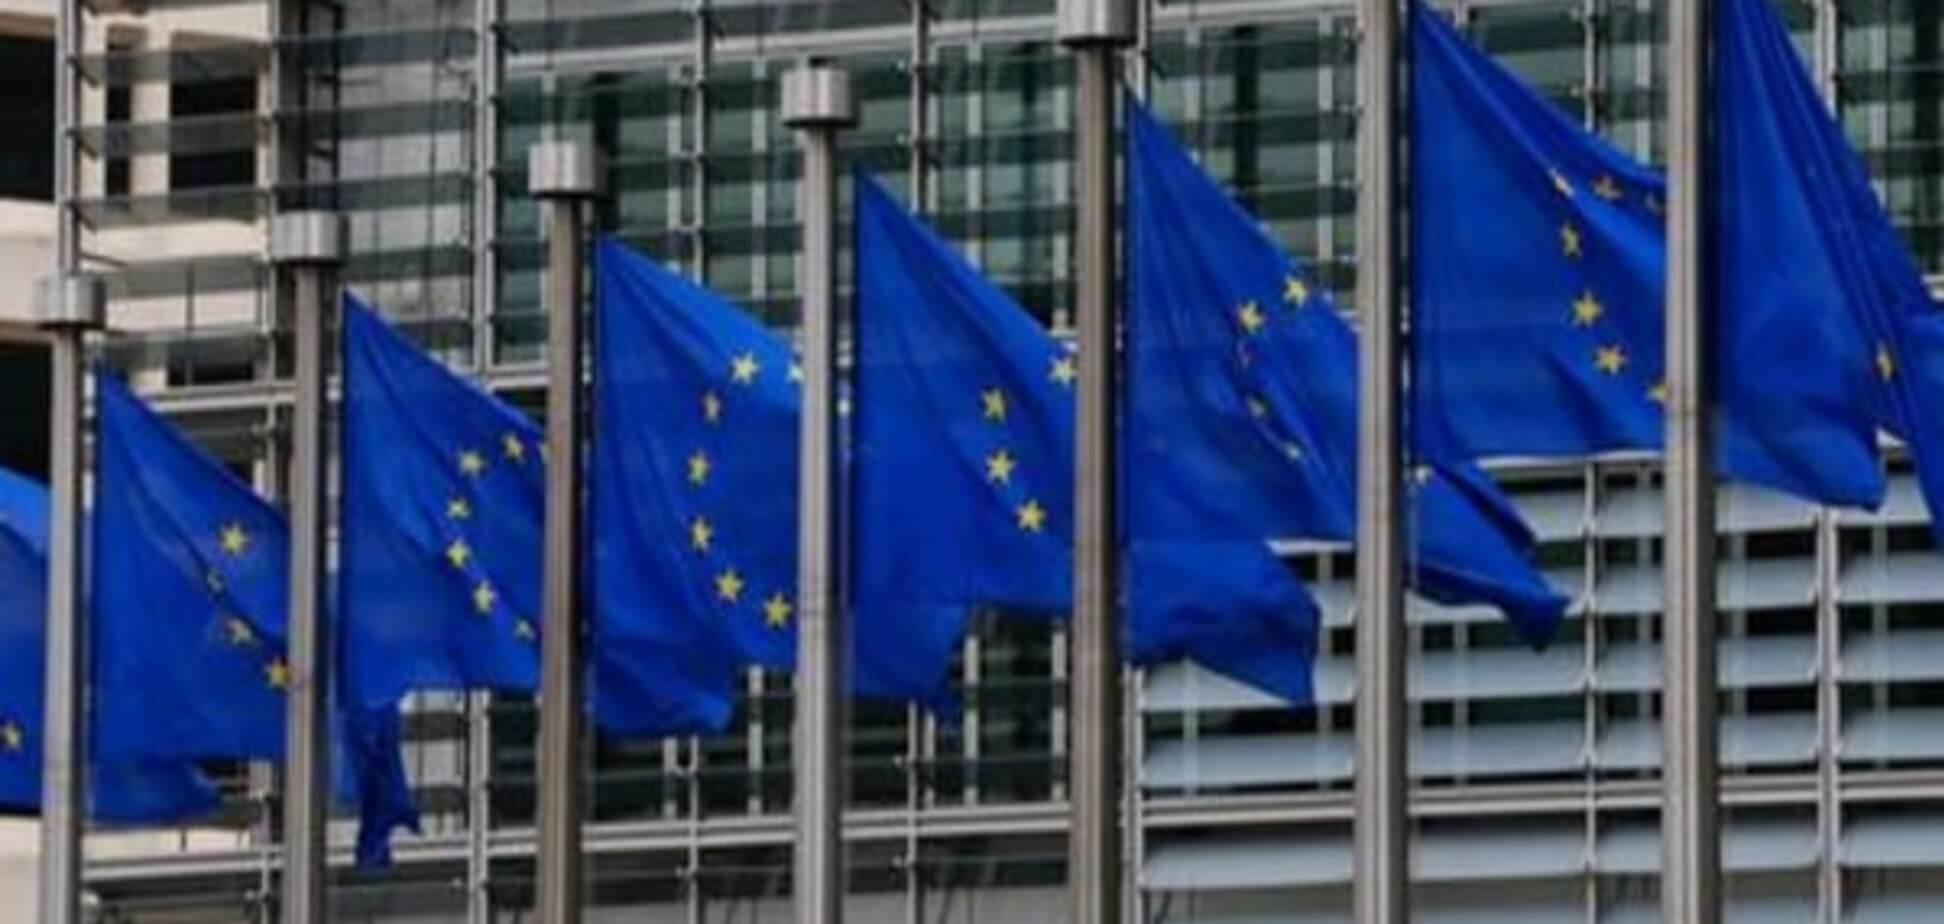 Мадрид: Країни ЄС досягли згоди щодо подовження дії санкцій проти Росії